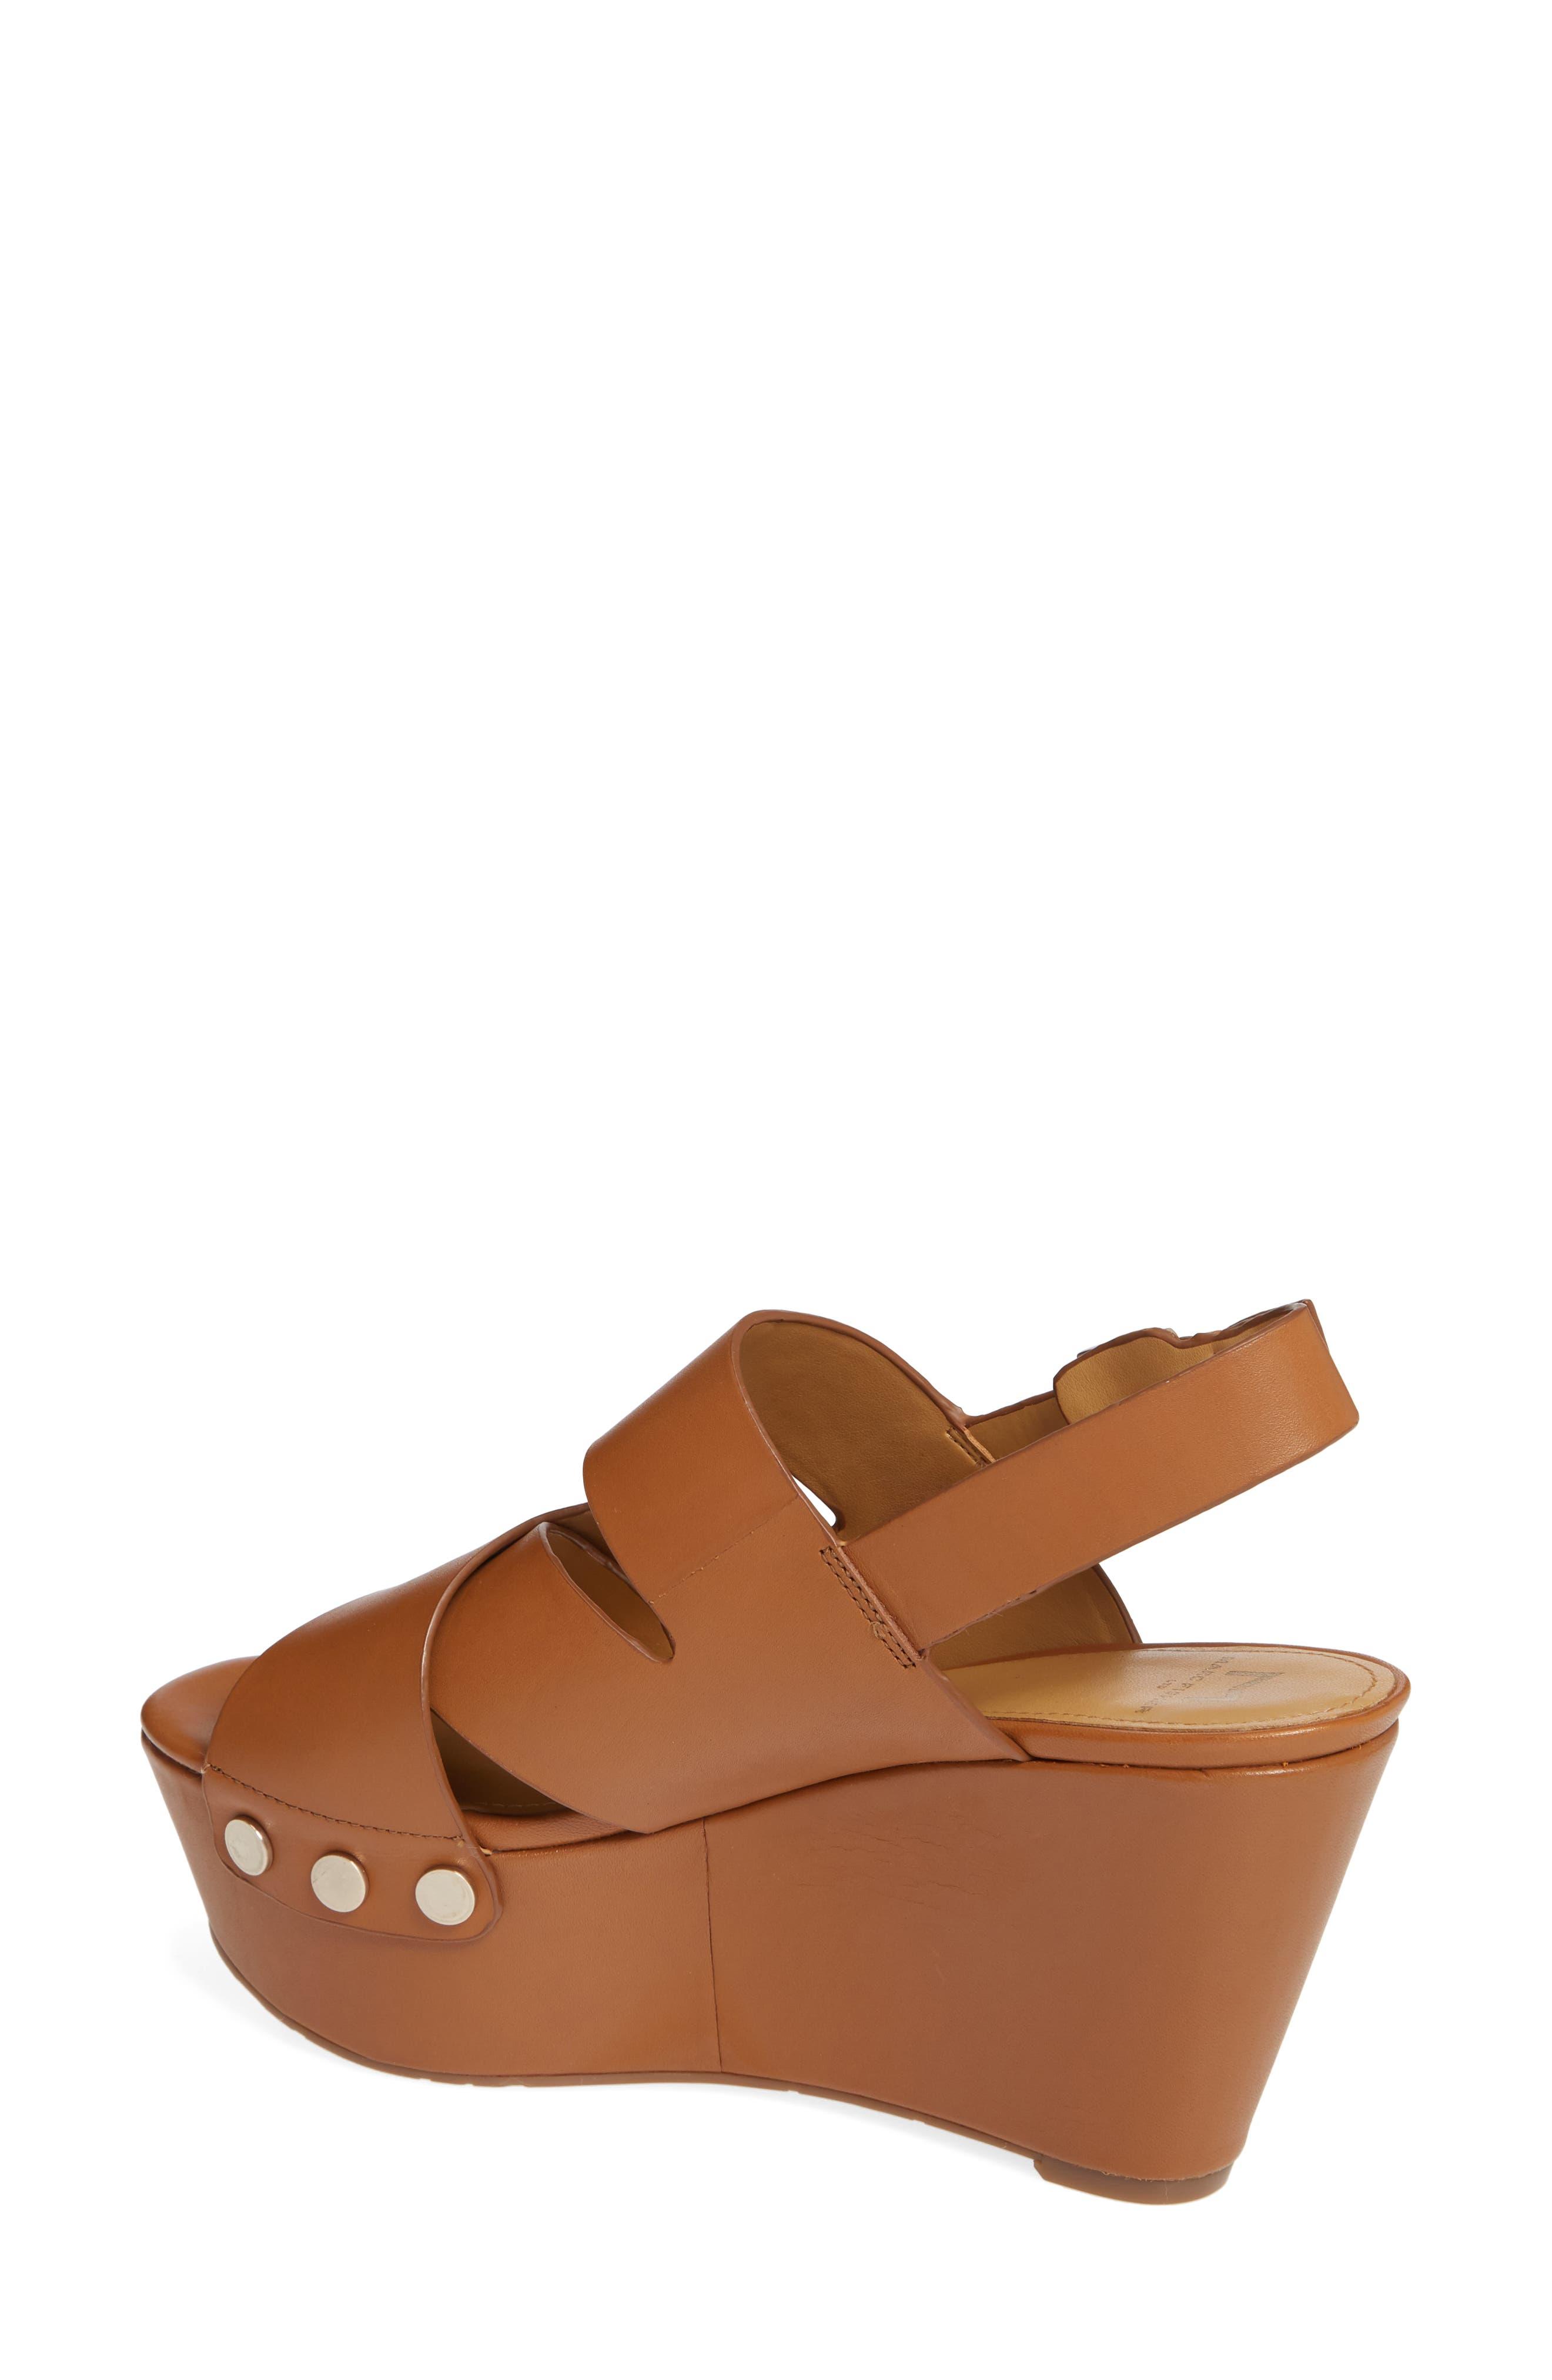 Bianka Platform Wedge Sandal,                             Alternate thumbnail 2, color,                             GINGER SNAP LEATHER